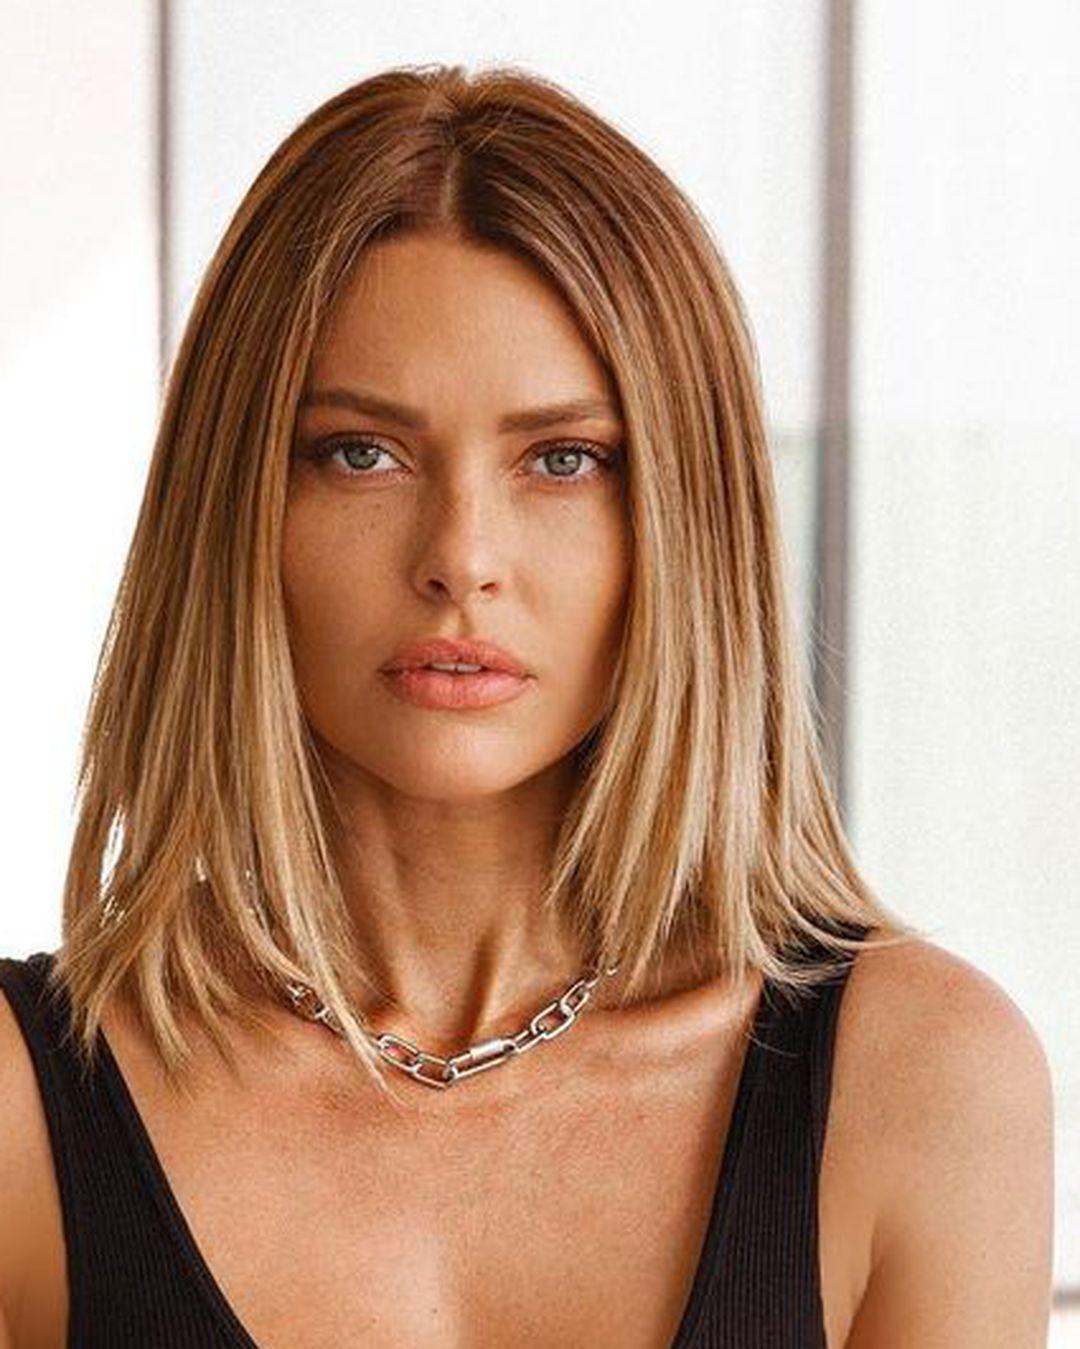 Razmišljate o novoj frizuri? Isprobajte blunt lob - pristaje svima i jednostavan je za održavanje!